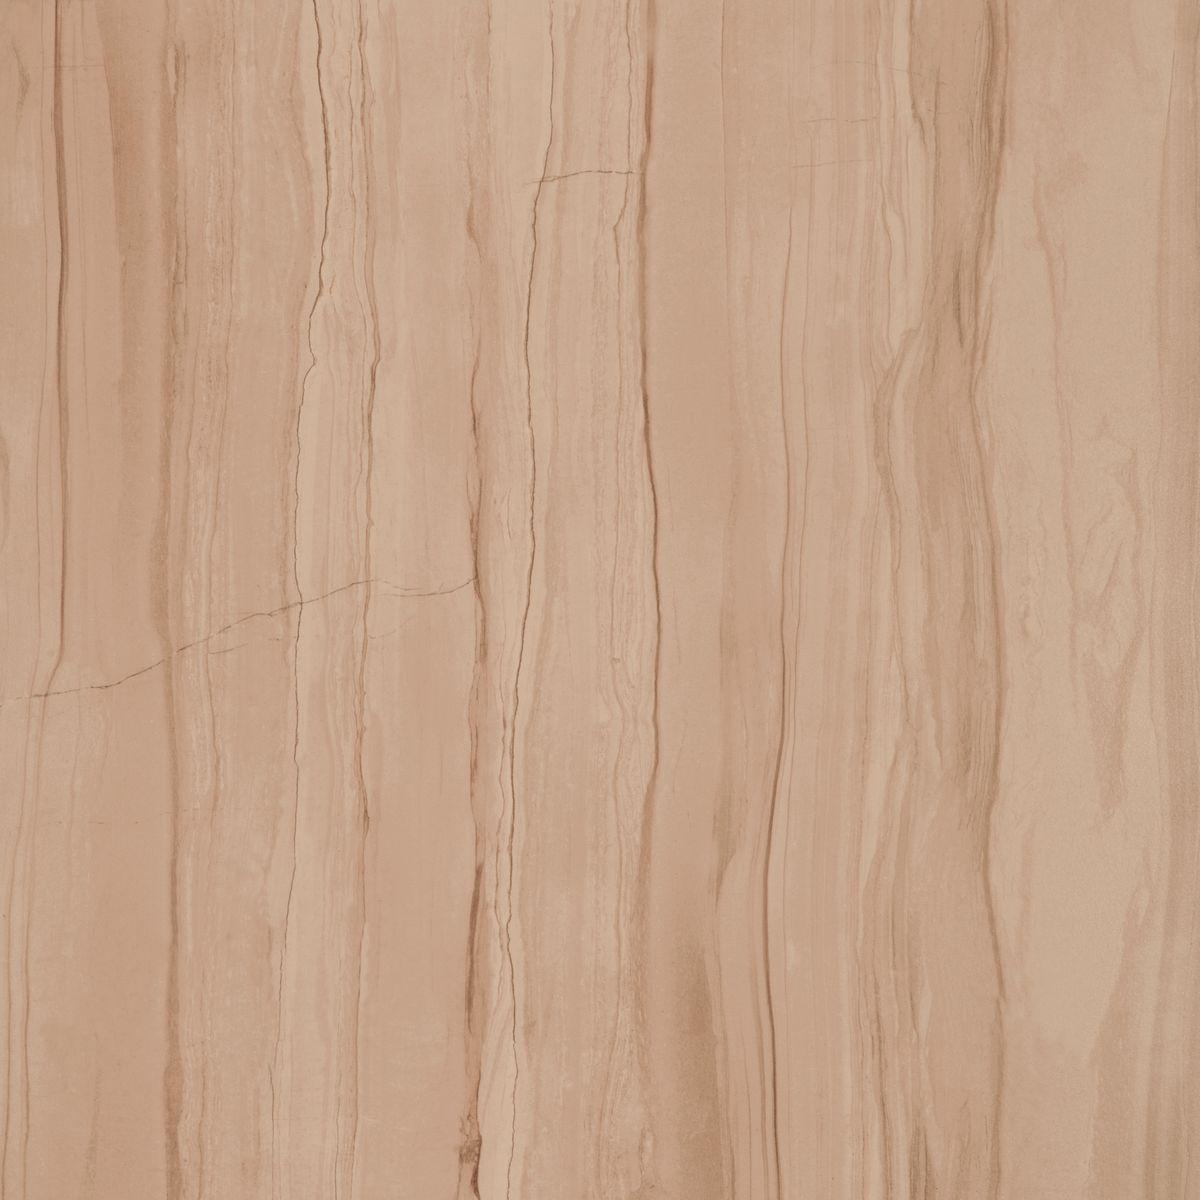 Плитка Marmo Acero acero  rectified crema (zrxma3r) изображение 0